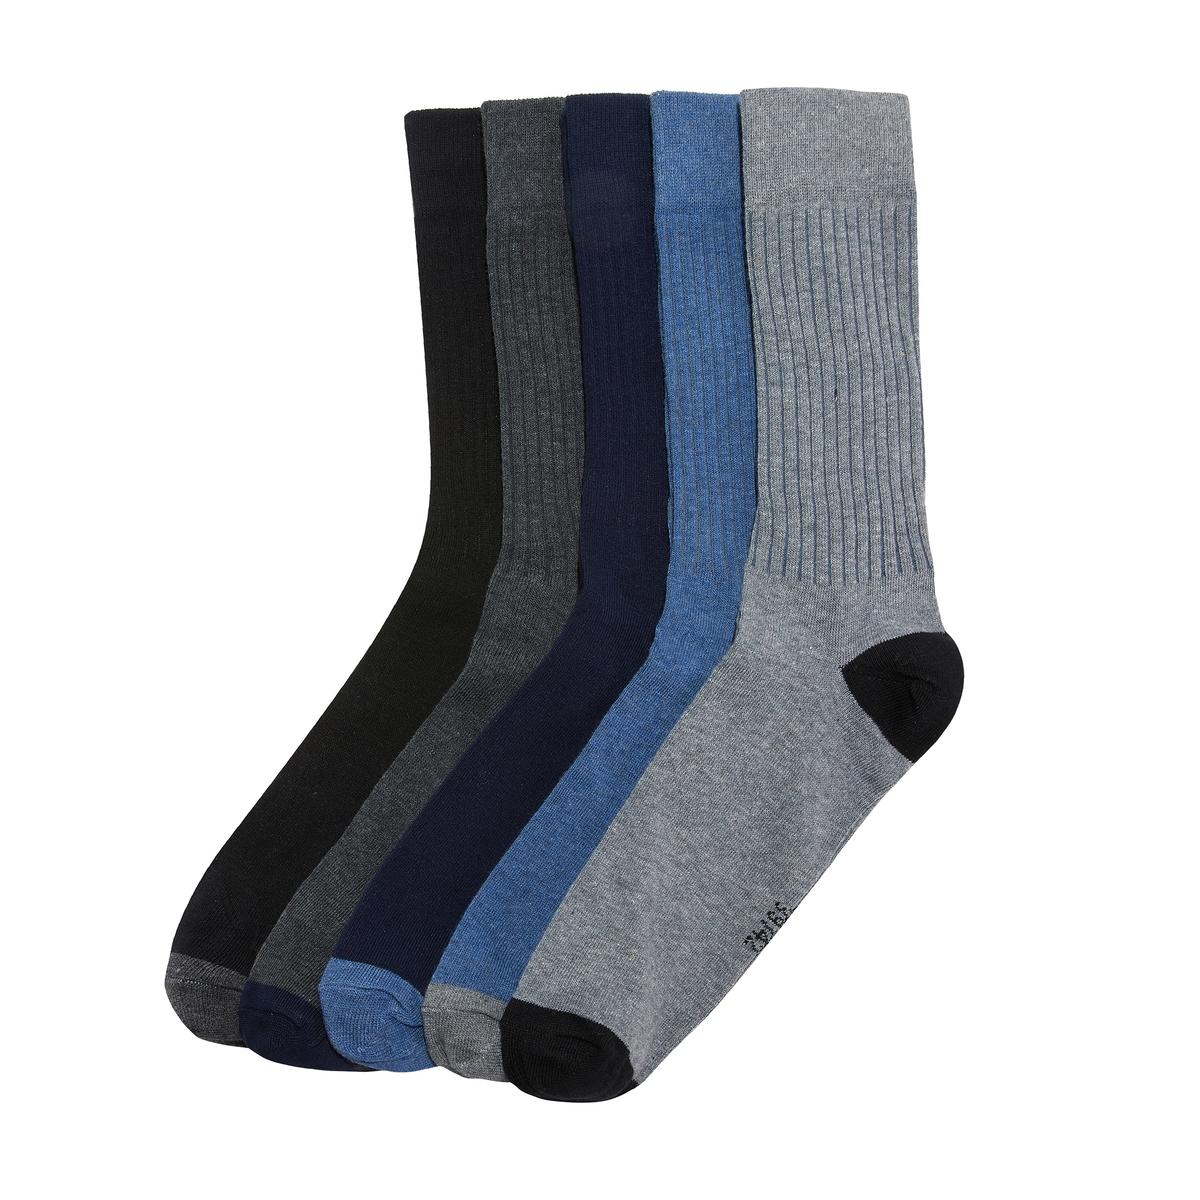 Комплект из 5 пар однотонных носков jd коллекция светло телесный 12 пар носков 15d две кости размер